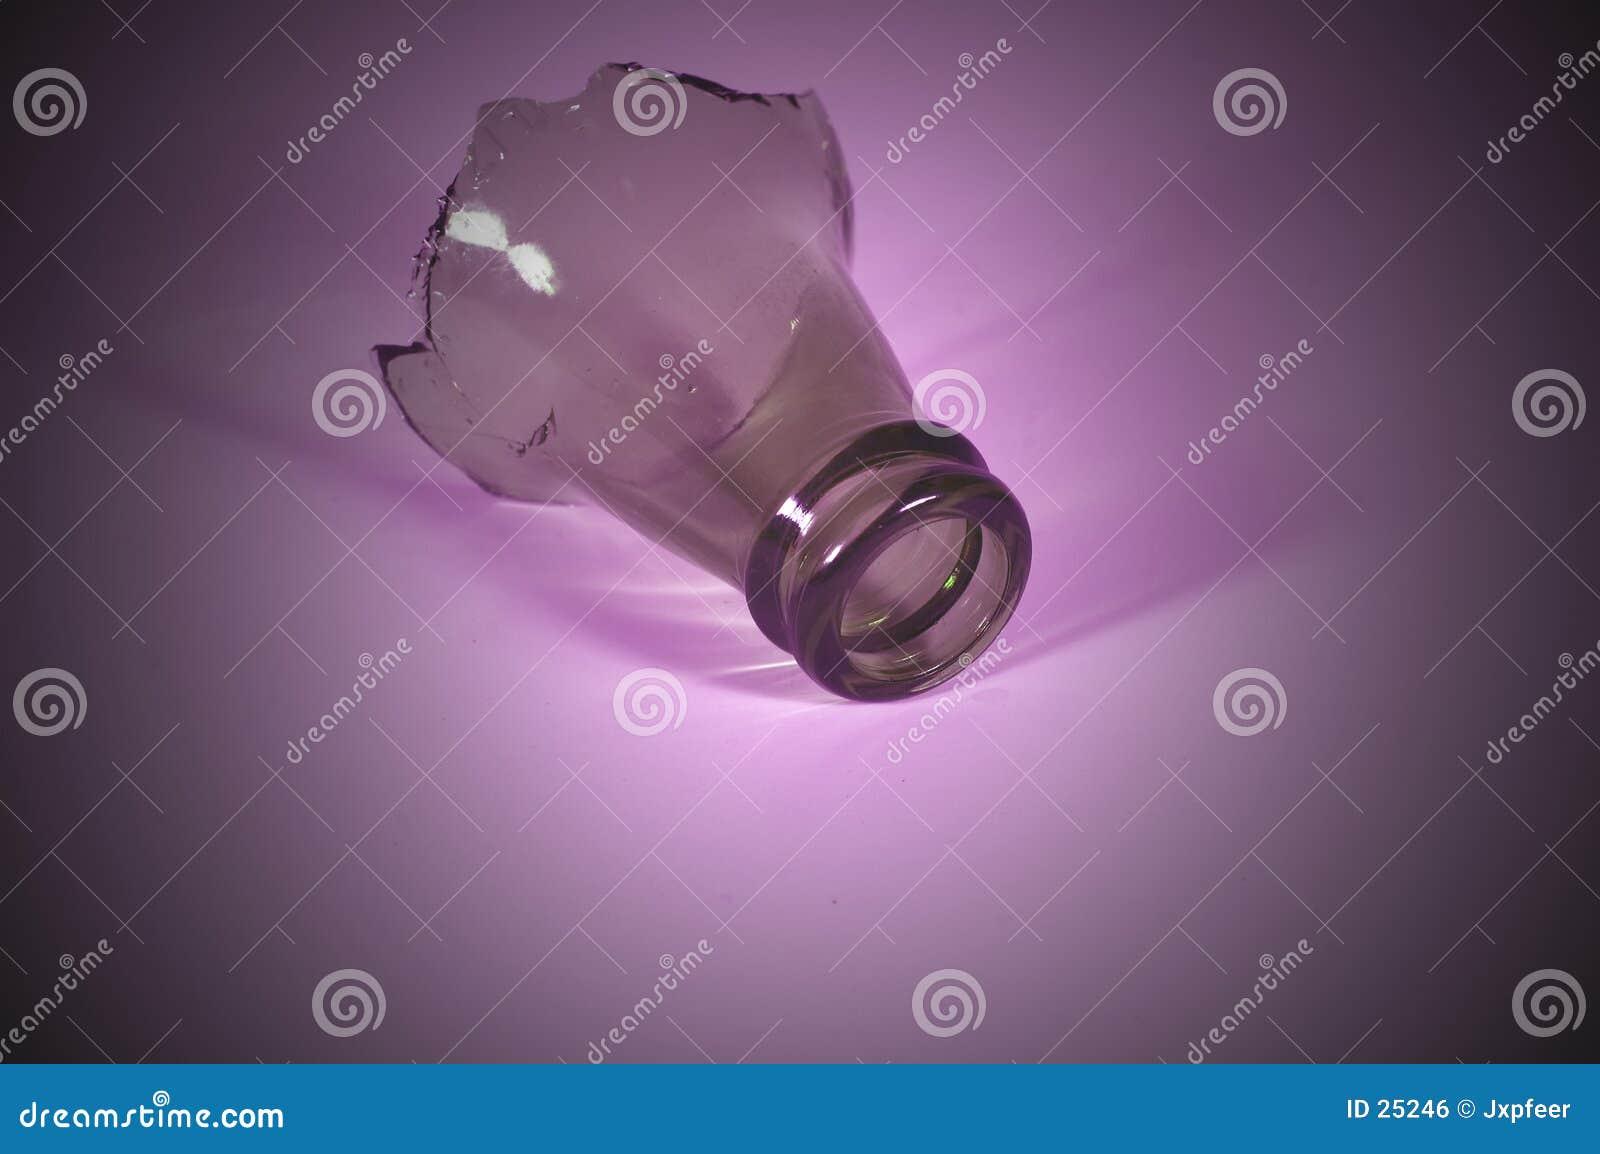 Bottle top - purple